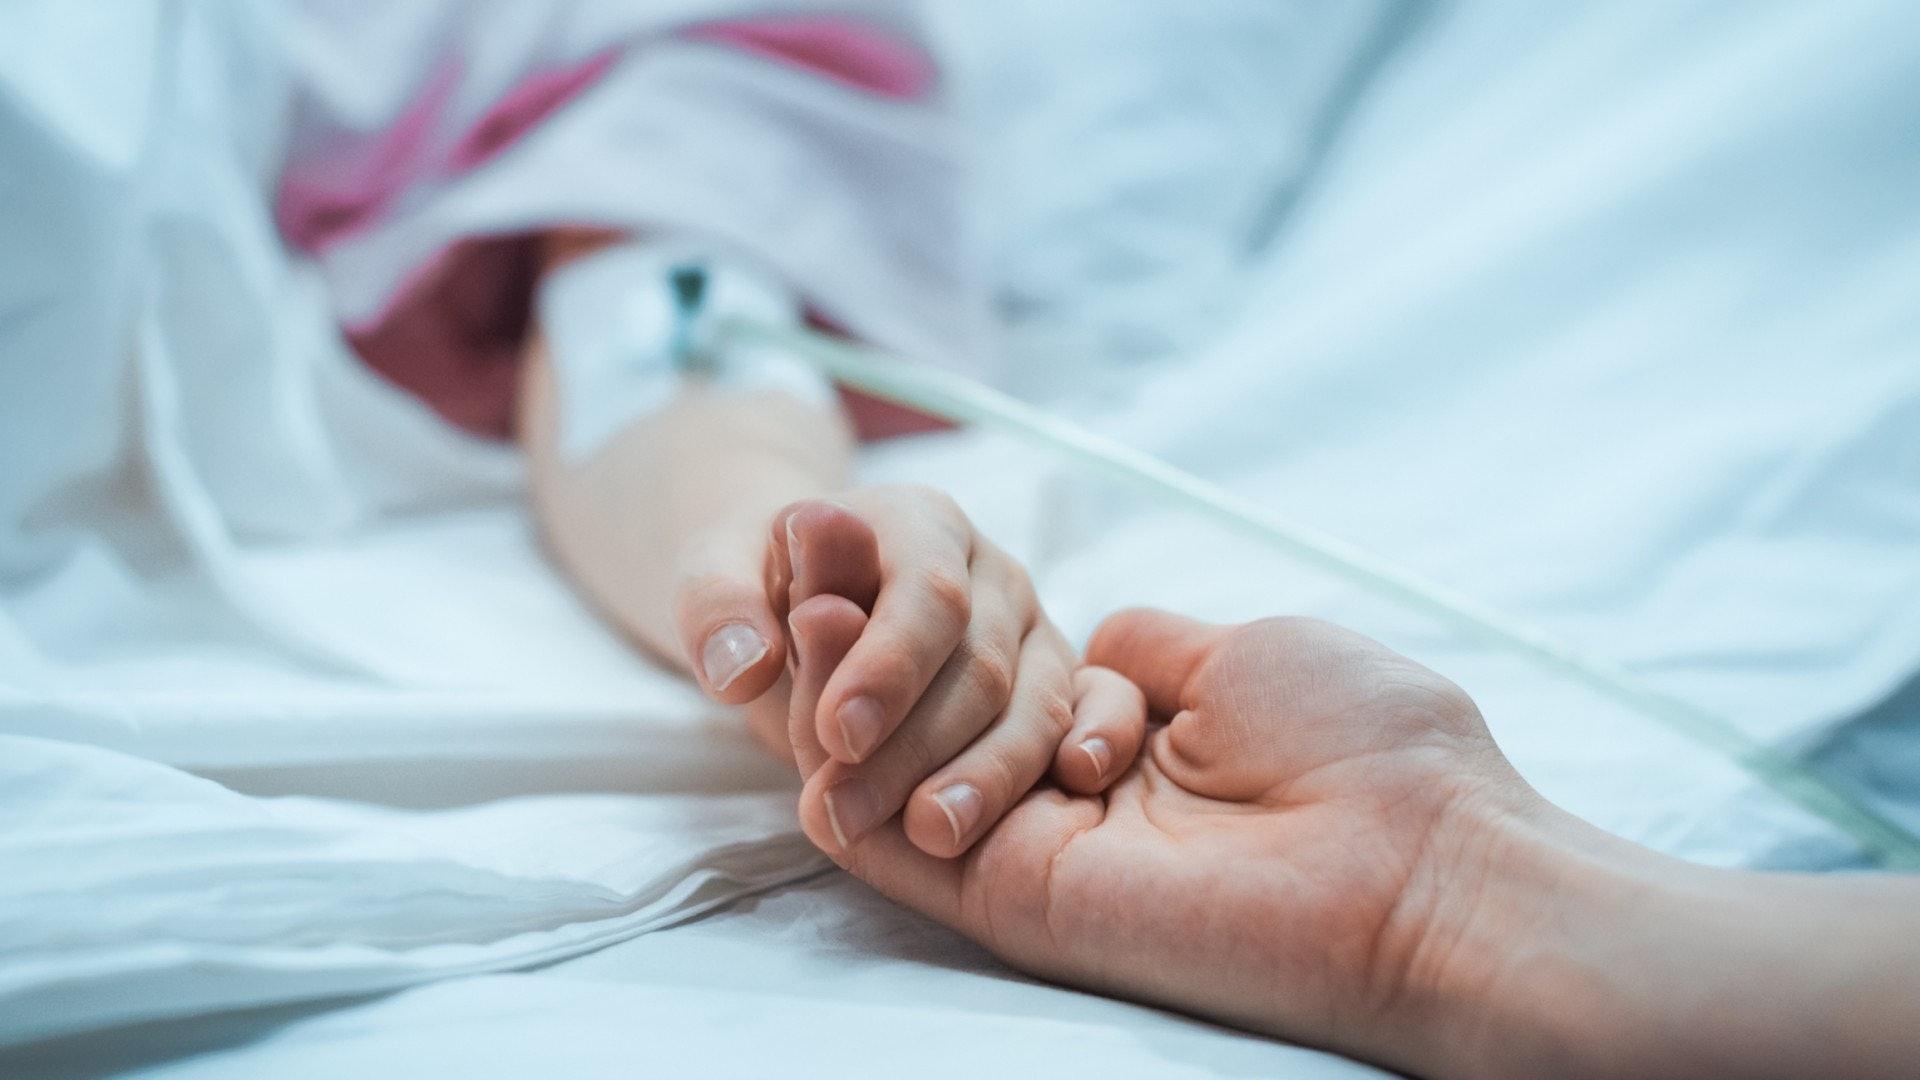 據2016年的統計,本港女性的乳癌死亡率佔全港女性的12.2%,死亡人數為702人,排列十大致命癌症第三位。(VCG)